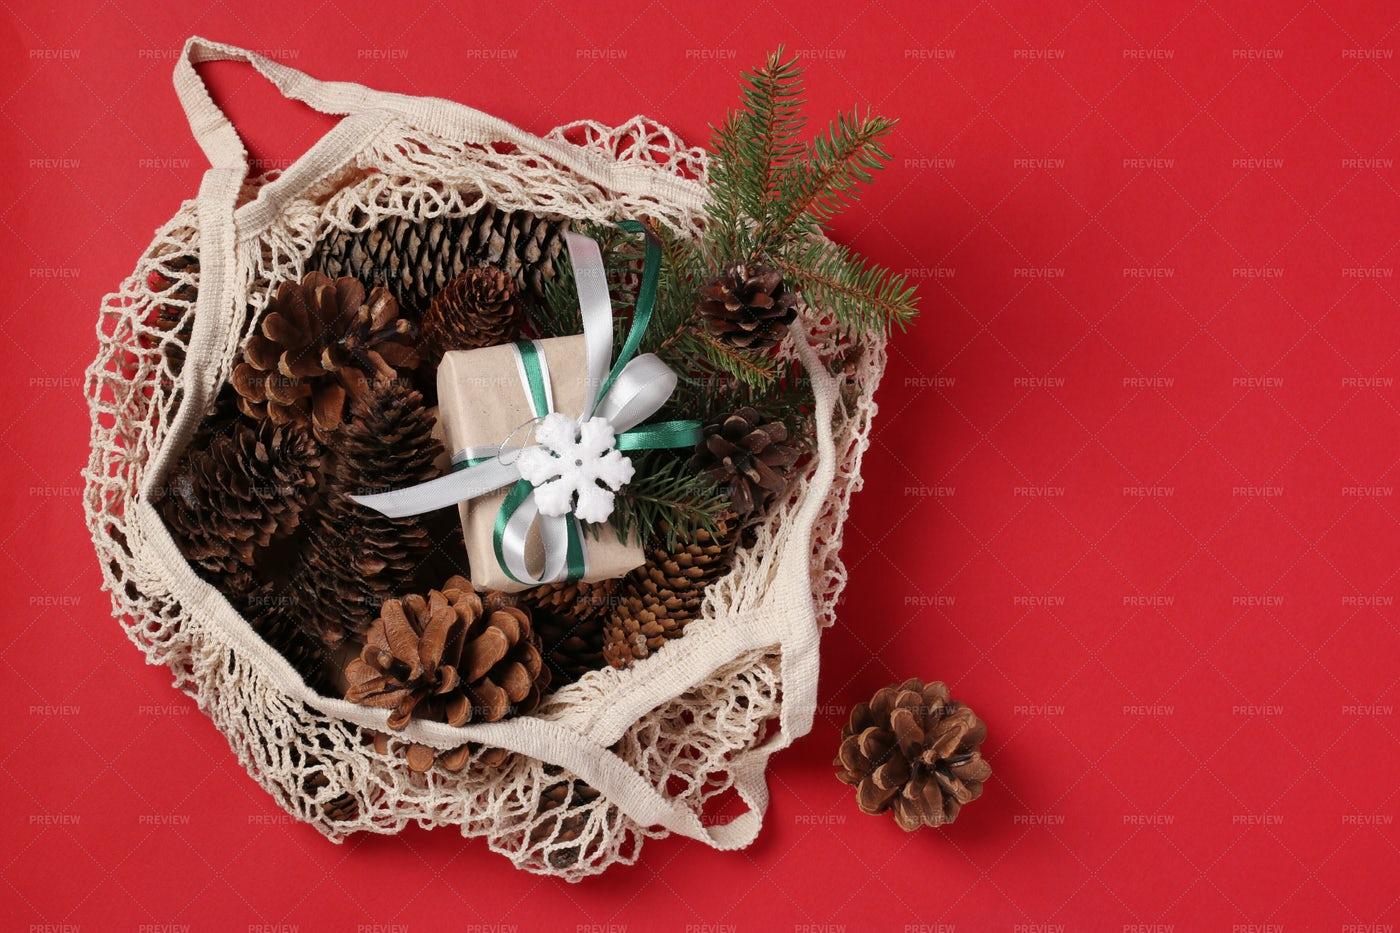 Bag And Christmas Deco: Stock Photos